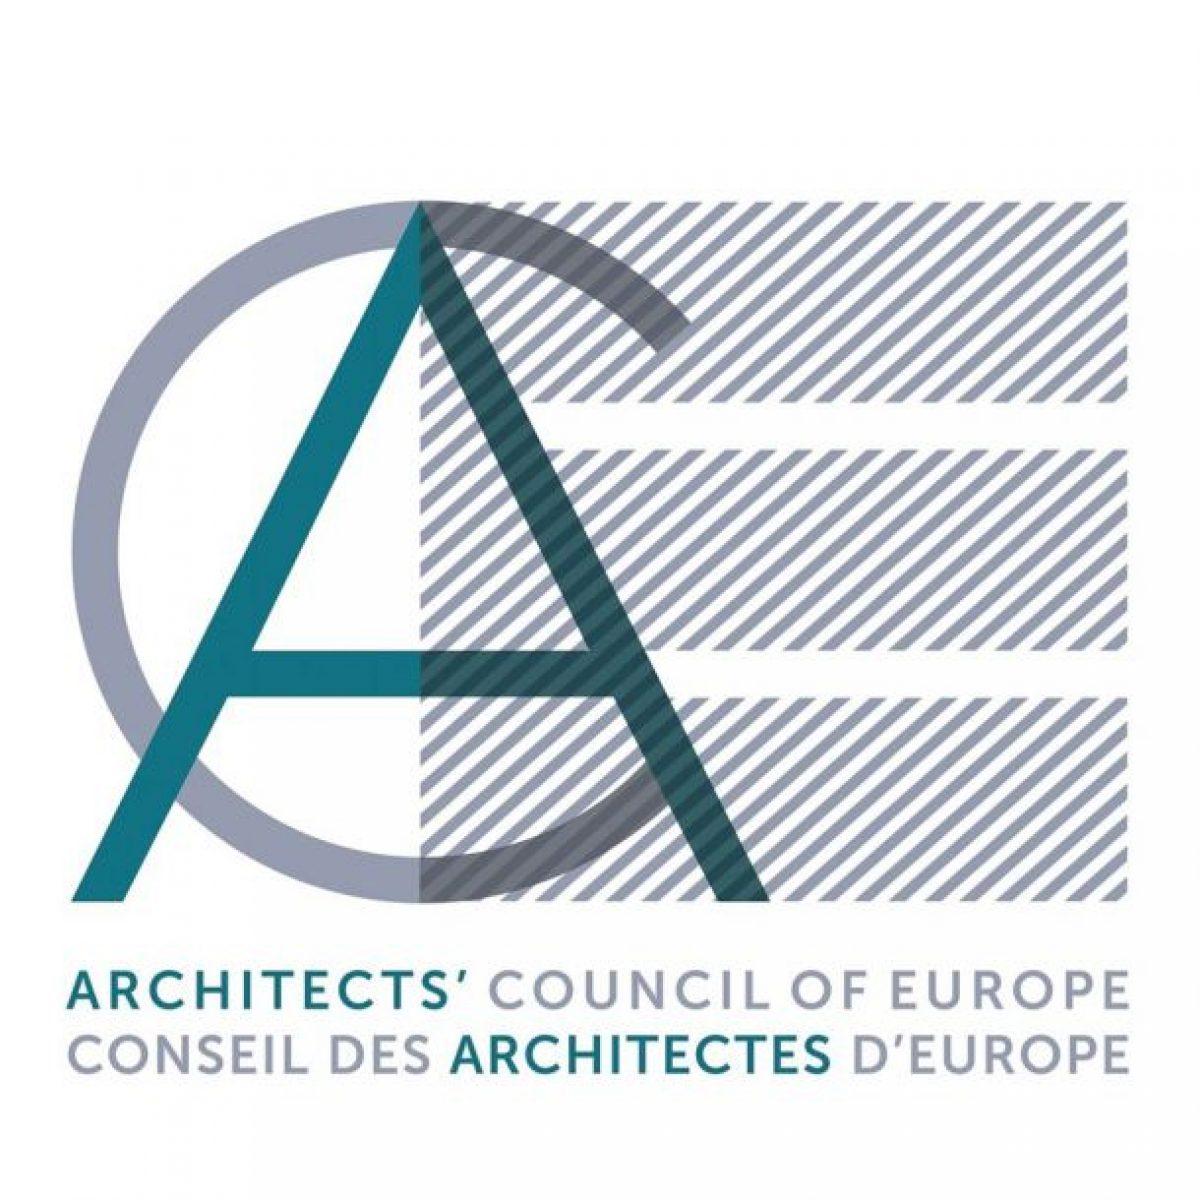 Πρόσκληση Εκδήλωσης Ενδιαφέροντος για συμμετοχή με υλοποιημένο έργο στην έντυπη έκδοση της ACE/ΑΑCC (Architects Against Climate Change)